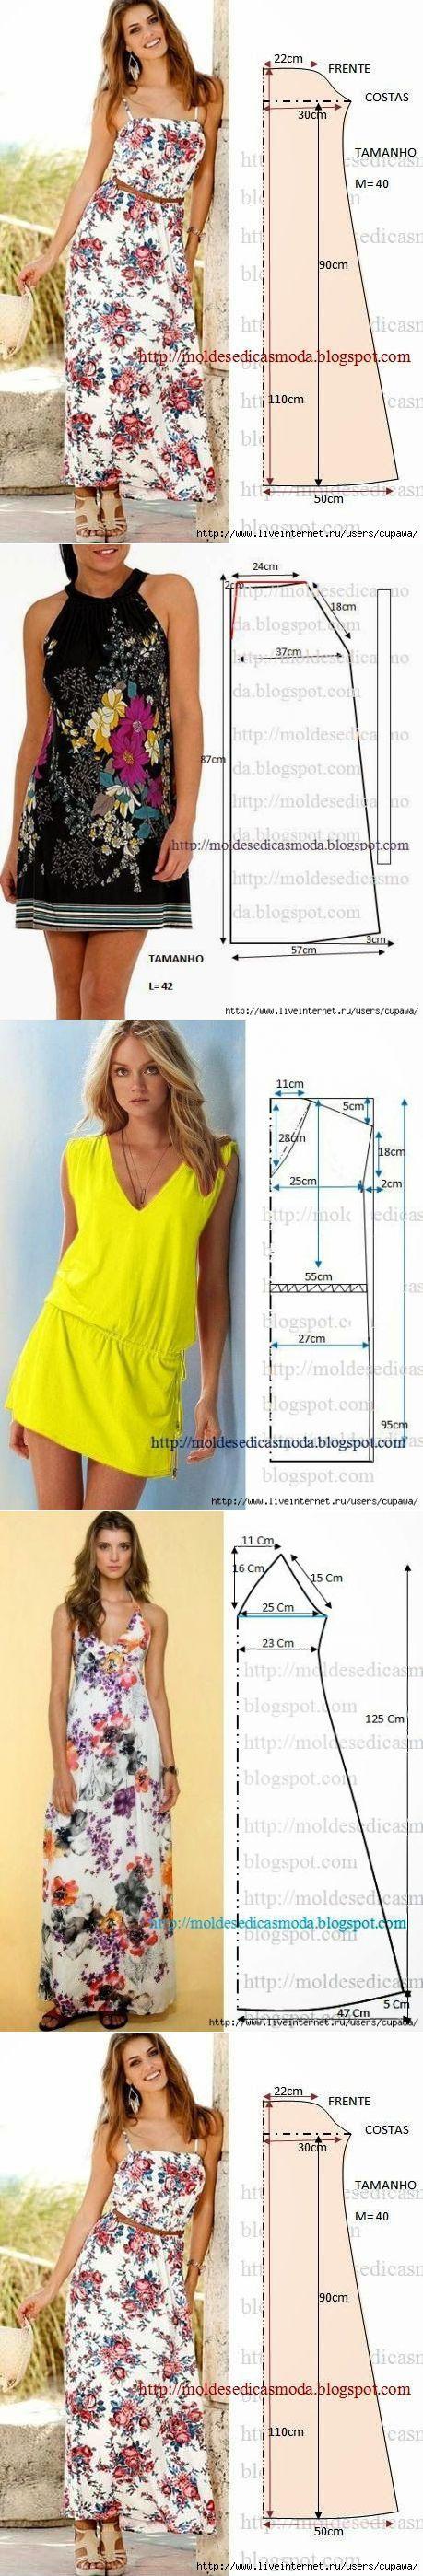 Как сшить летнее платье своими руками без выкройки для полных